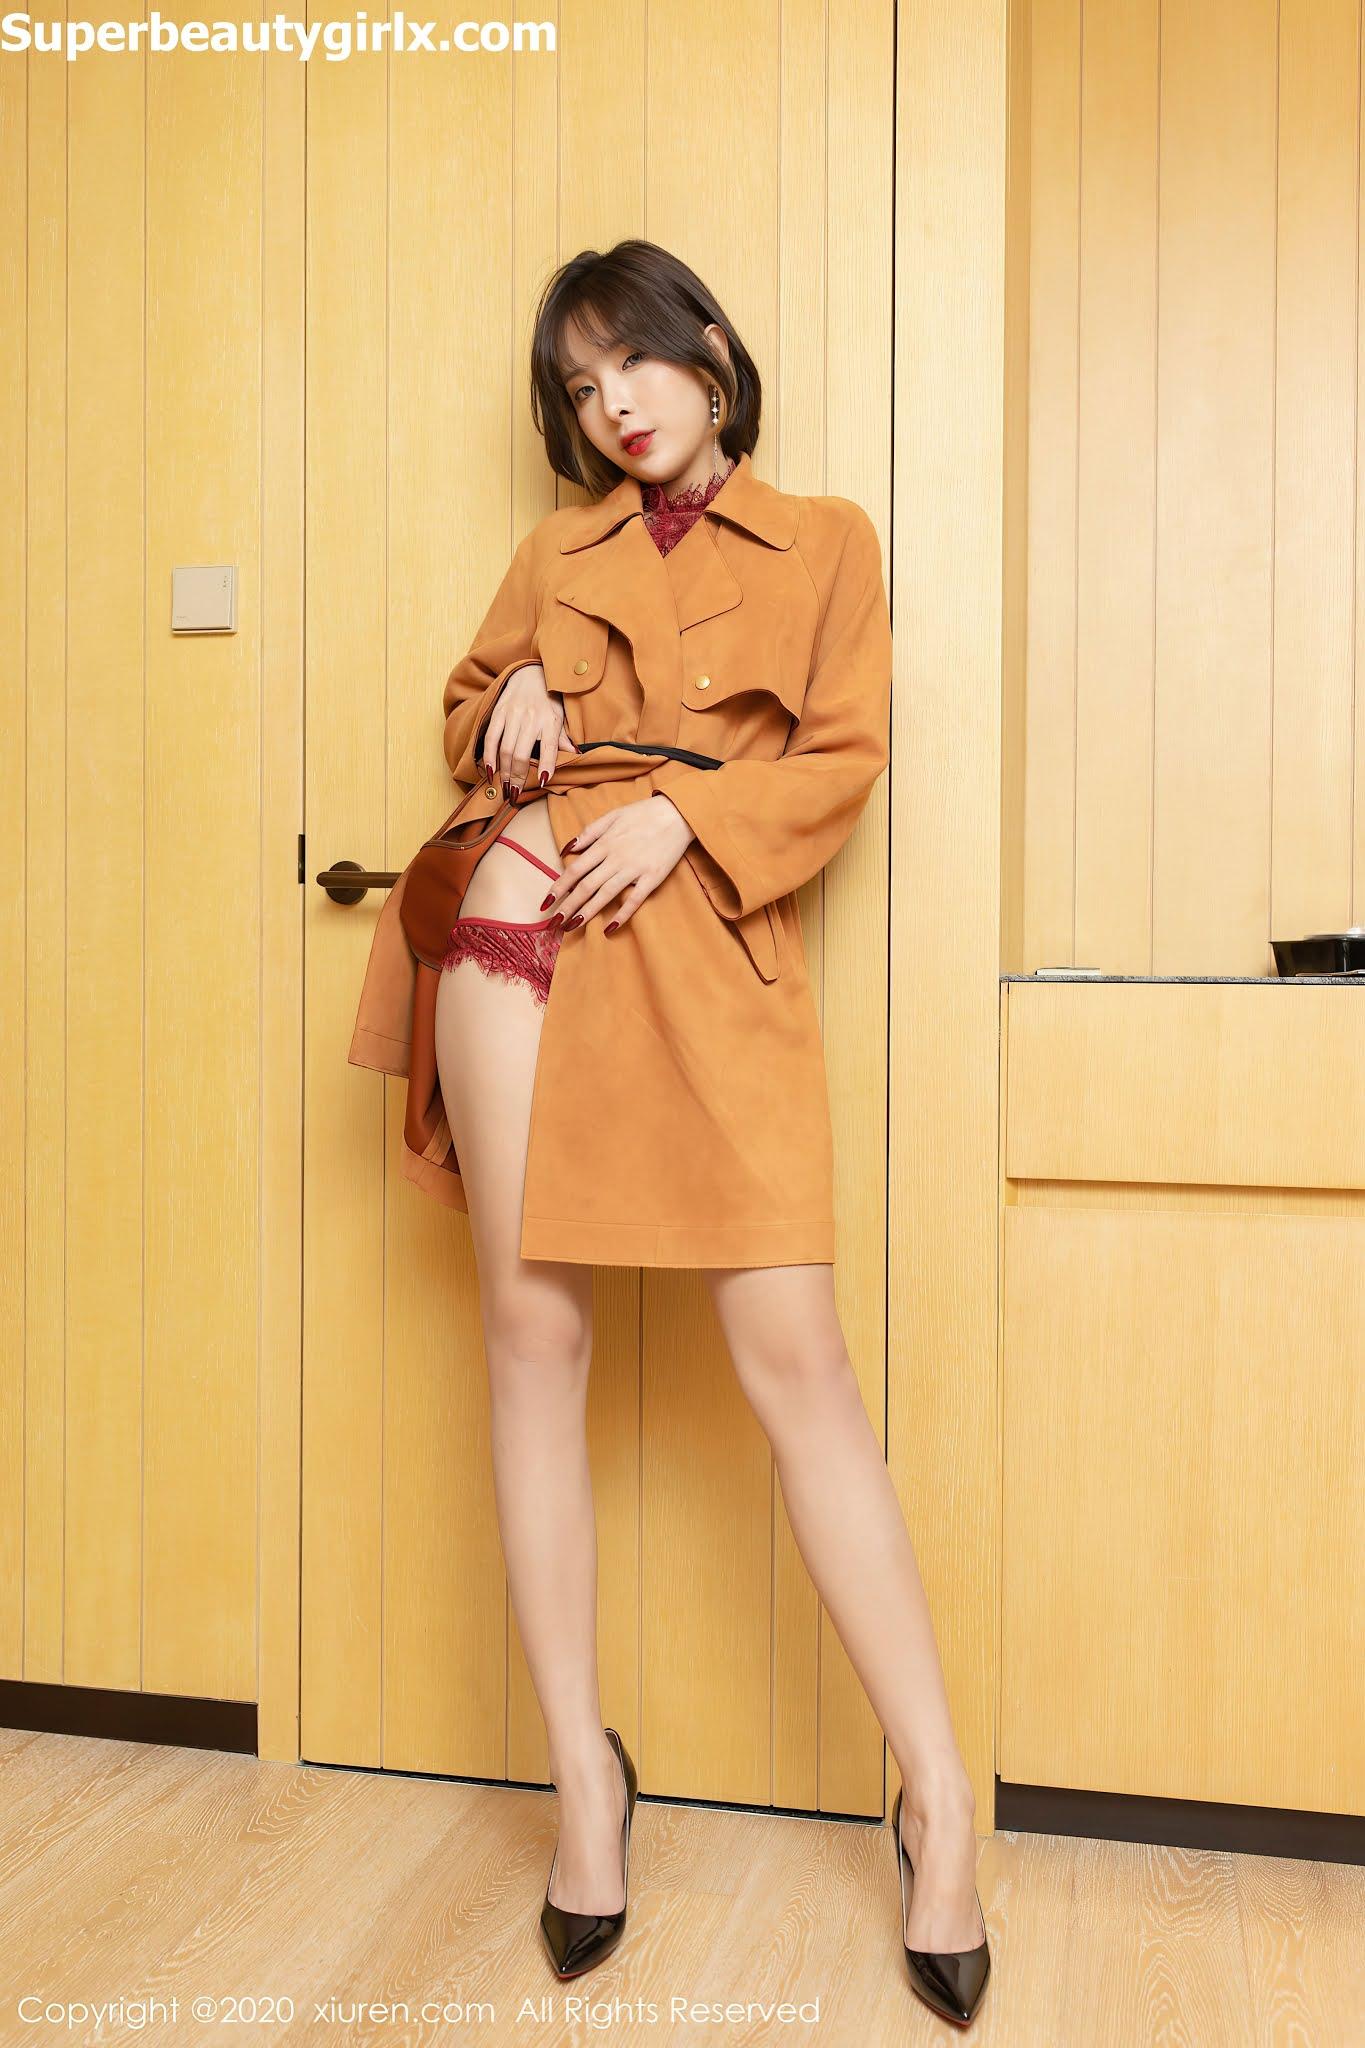 XIUREN-No.2922-Chen-Xiao-Miao-Superbeautygirlx.com